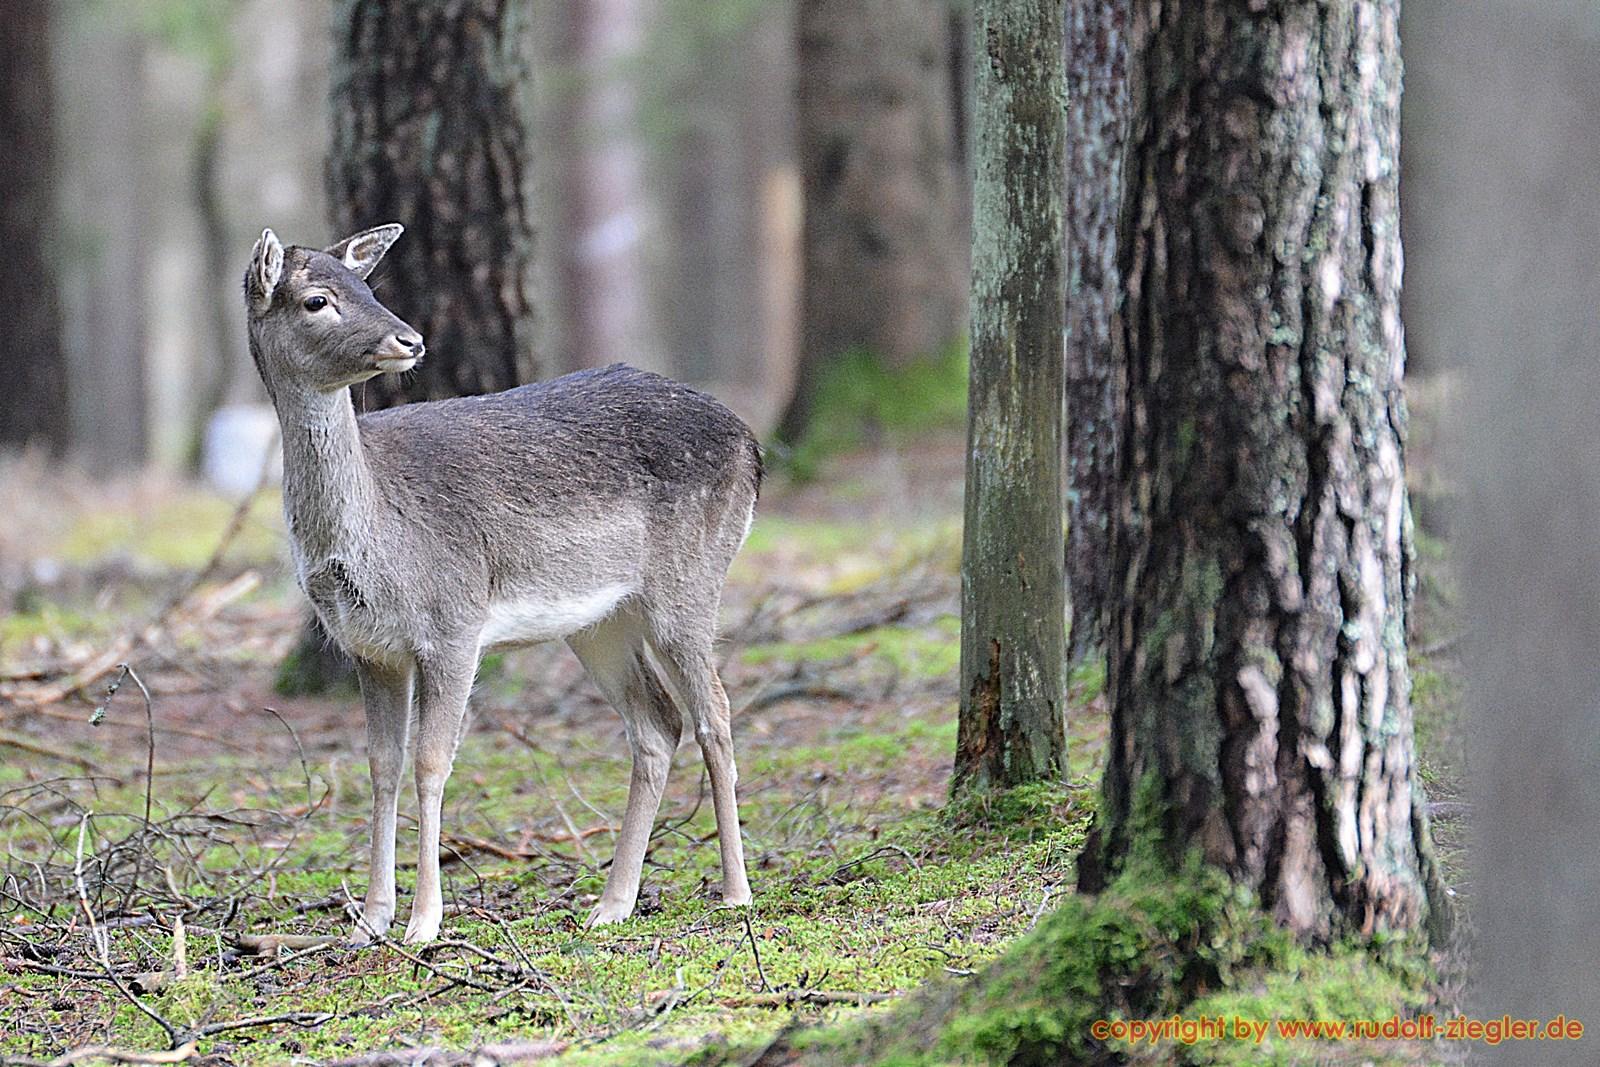 Wildgehege Veldensteiner Forst 057-A-S - 1600x1200